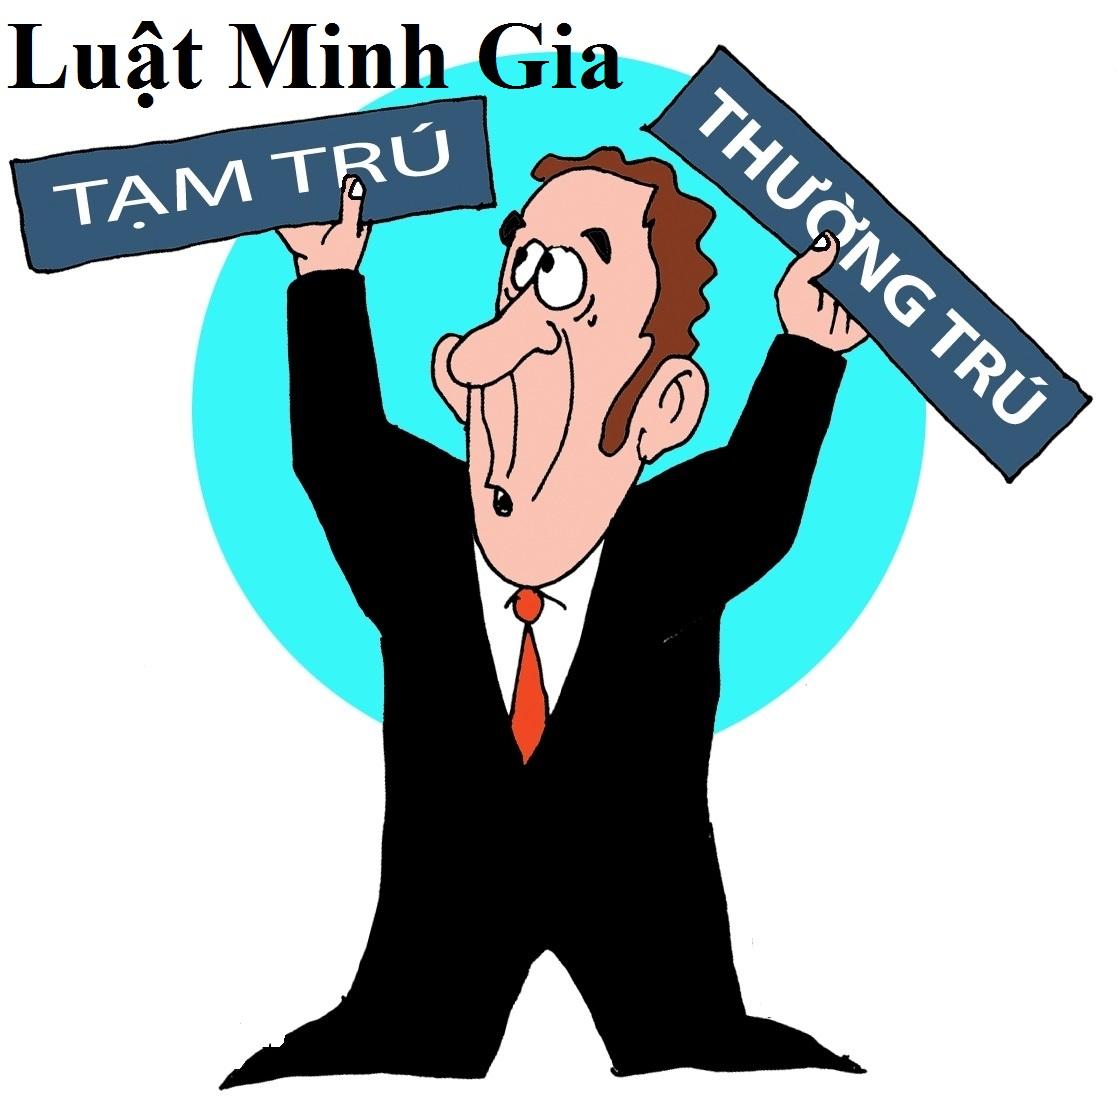 Đăng ký thường trú tại TP Hồ Chí Minh theo quy định Luật cư trú